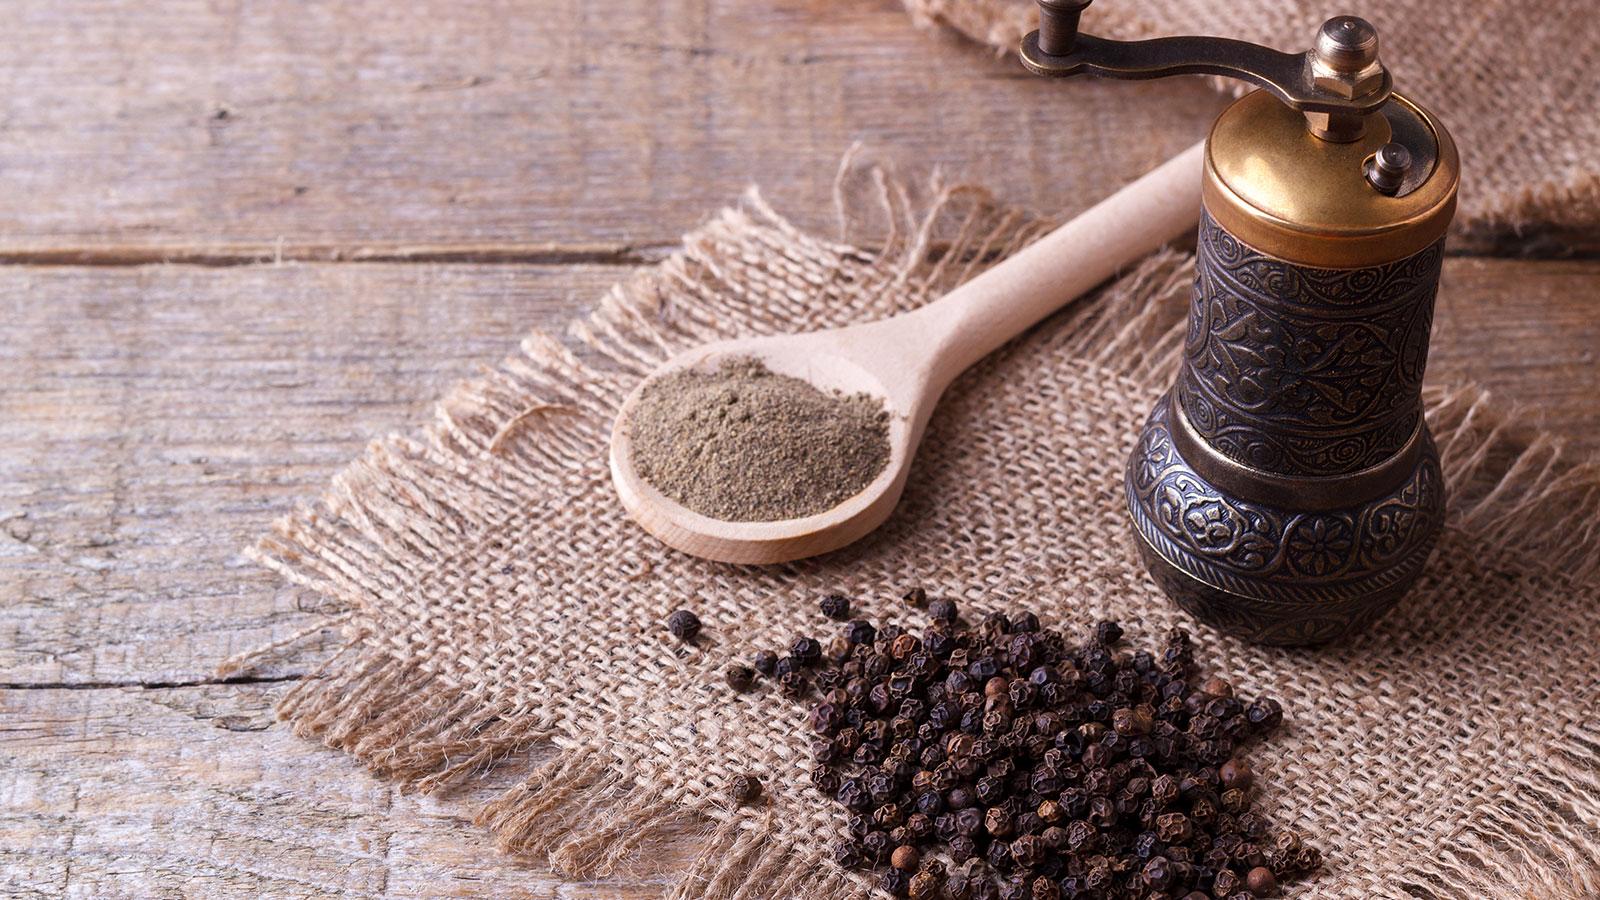 La pimienta negra: ¿un aliado natural contra el colesterol y el sobrepeso?